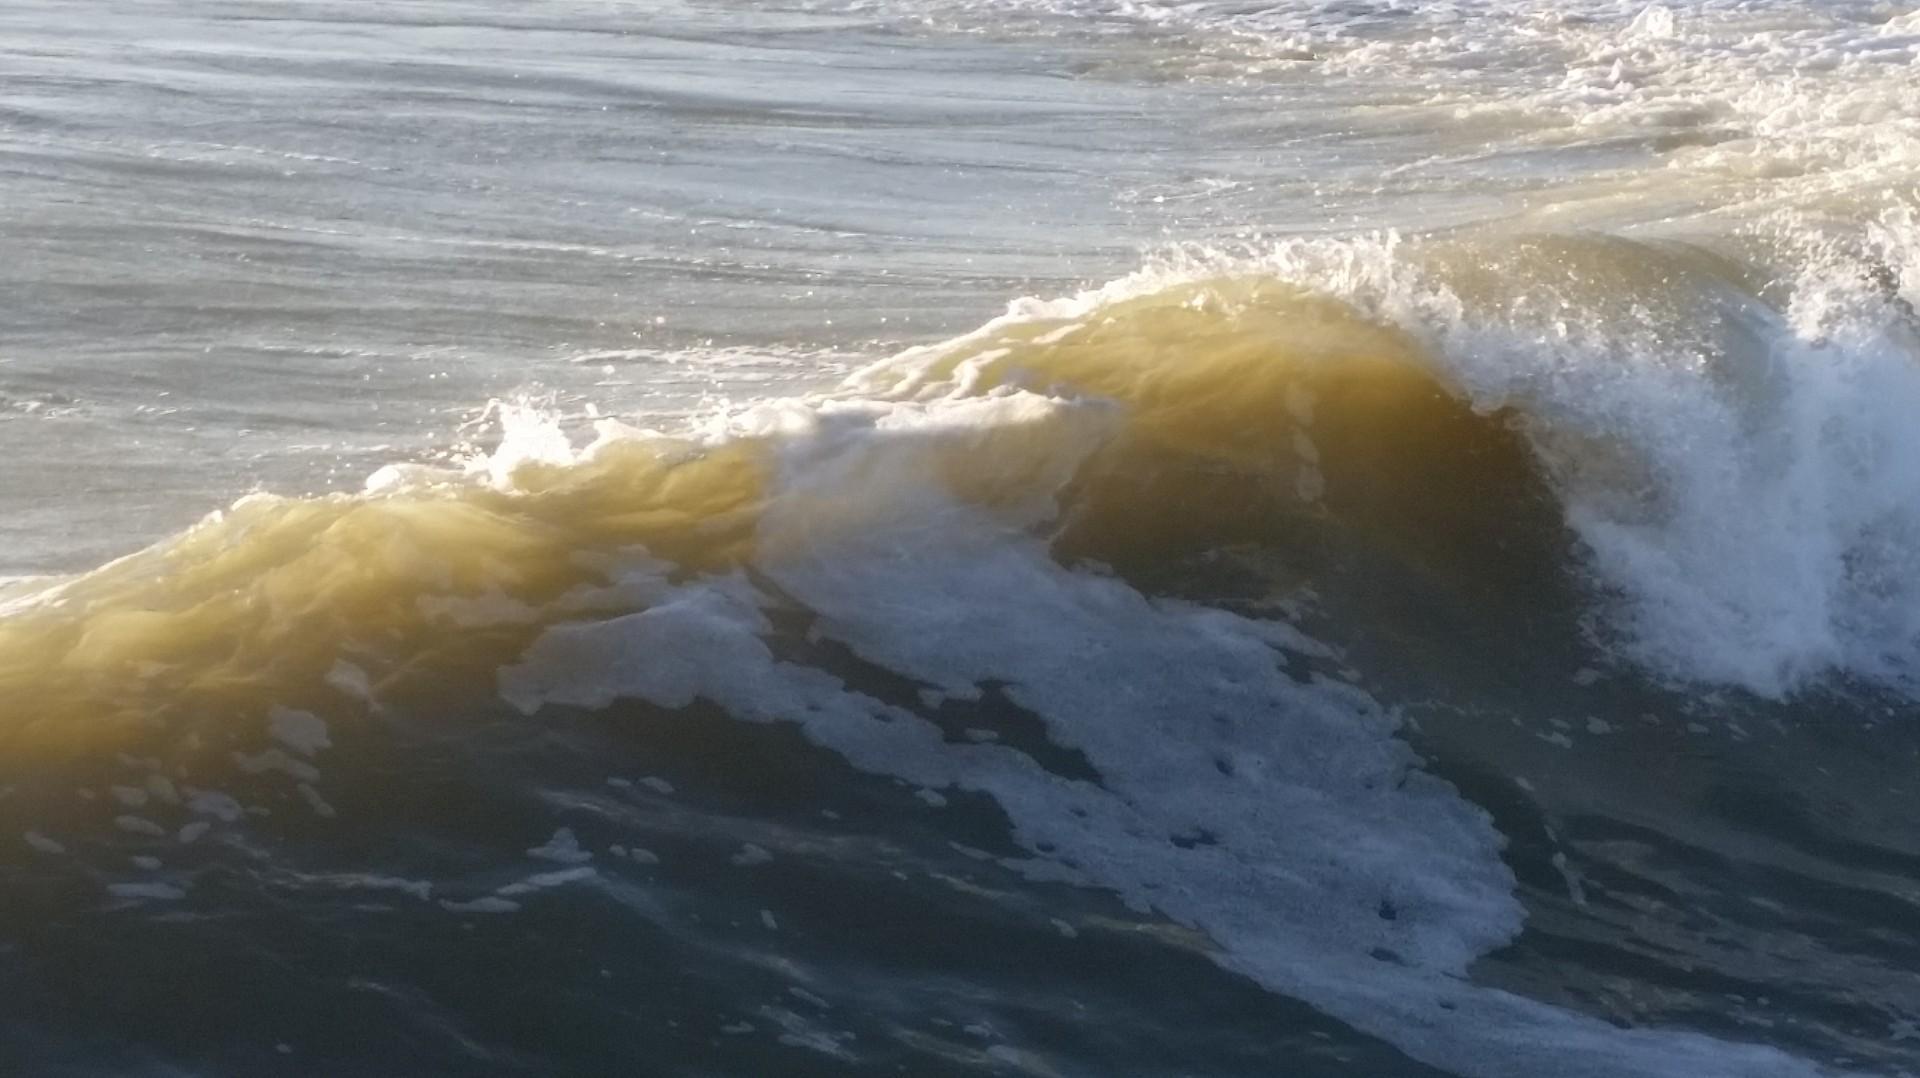 surf report jean de monts base nautique 85 du 2016 01 28 17 00 00